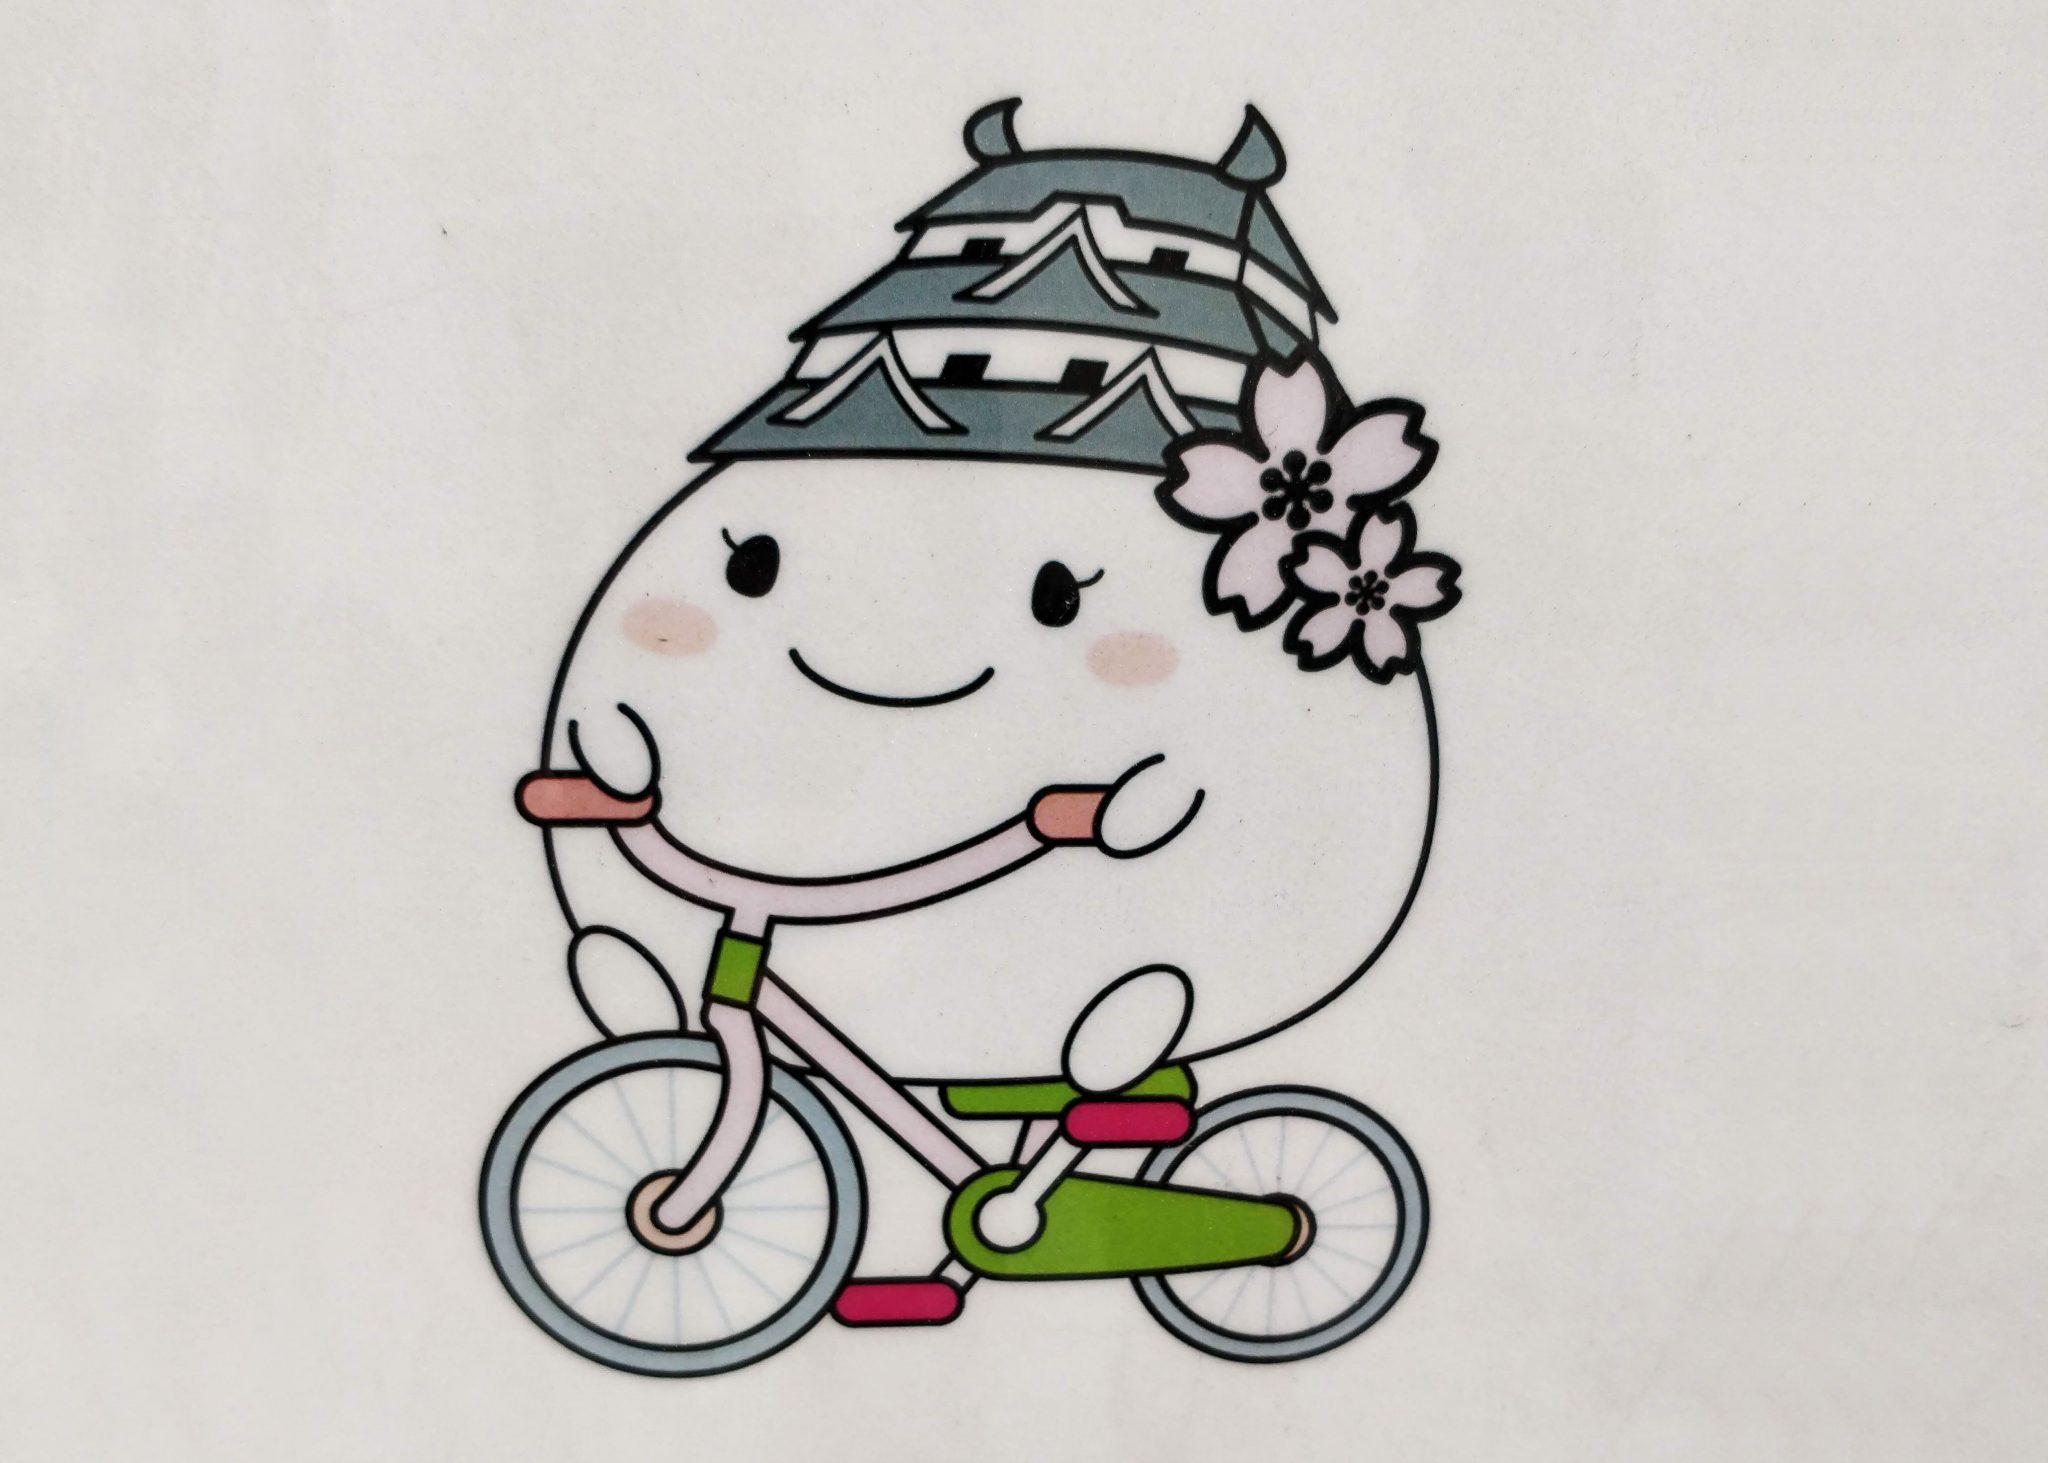 Pyöräilevä Himejin maskotti, joka on vaalea pallo jolla on linna päässä